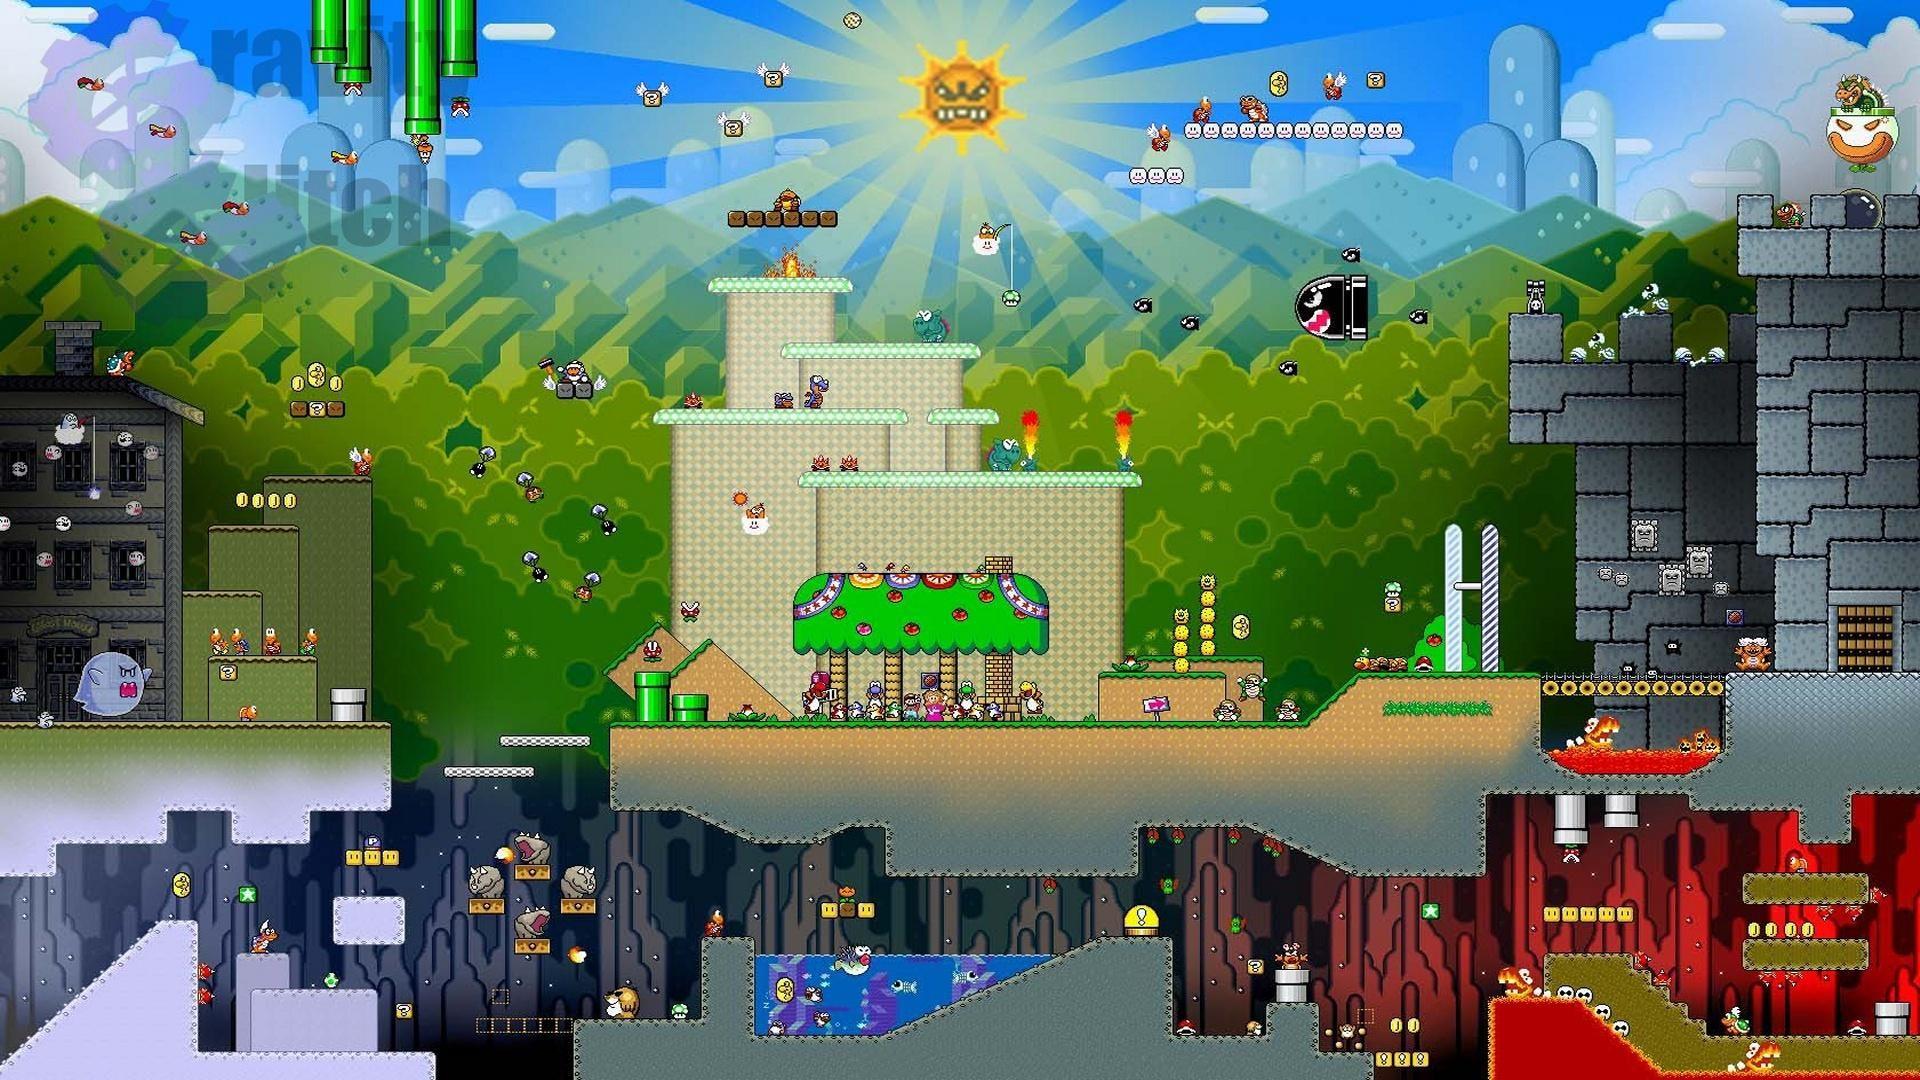 L'enorme monde de Super Mario Super mario, Super mario bros